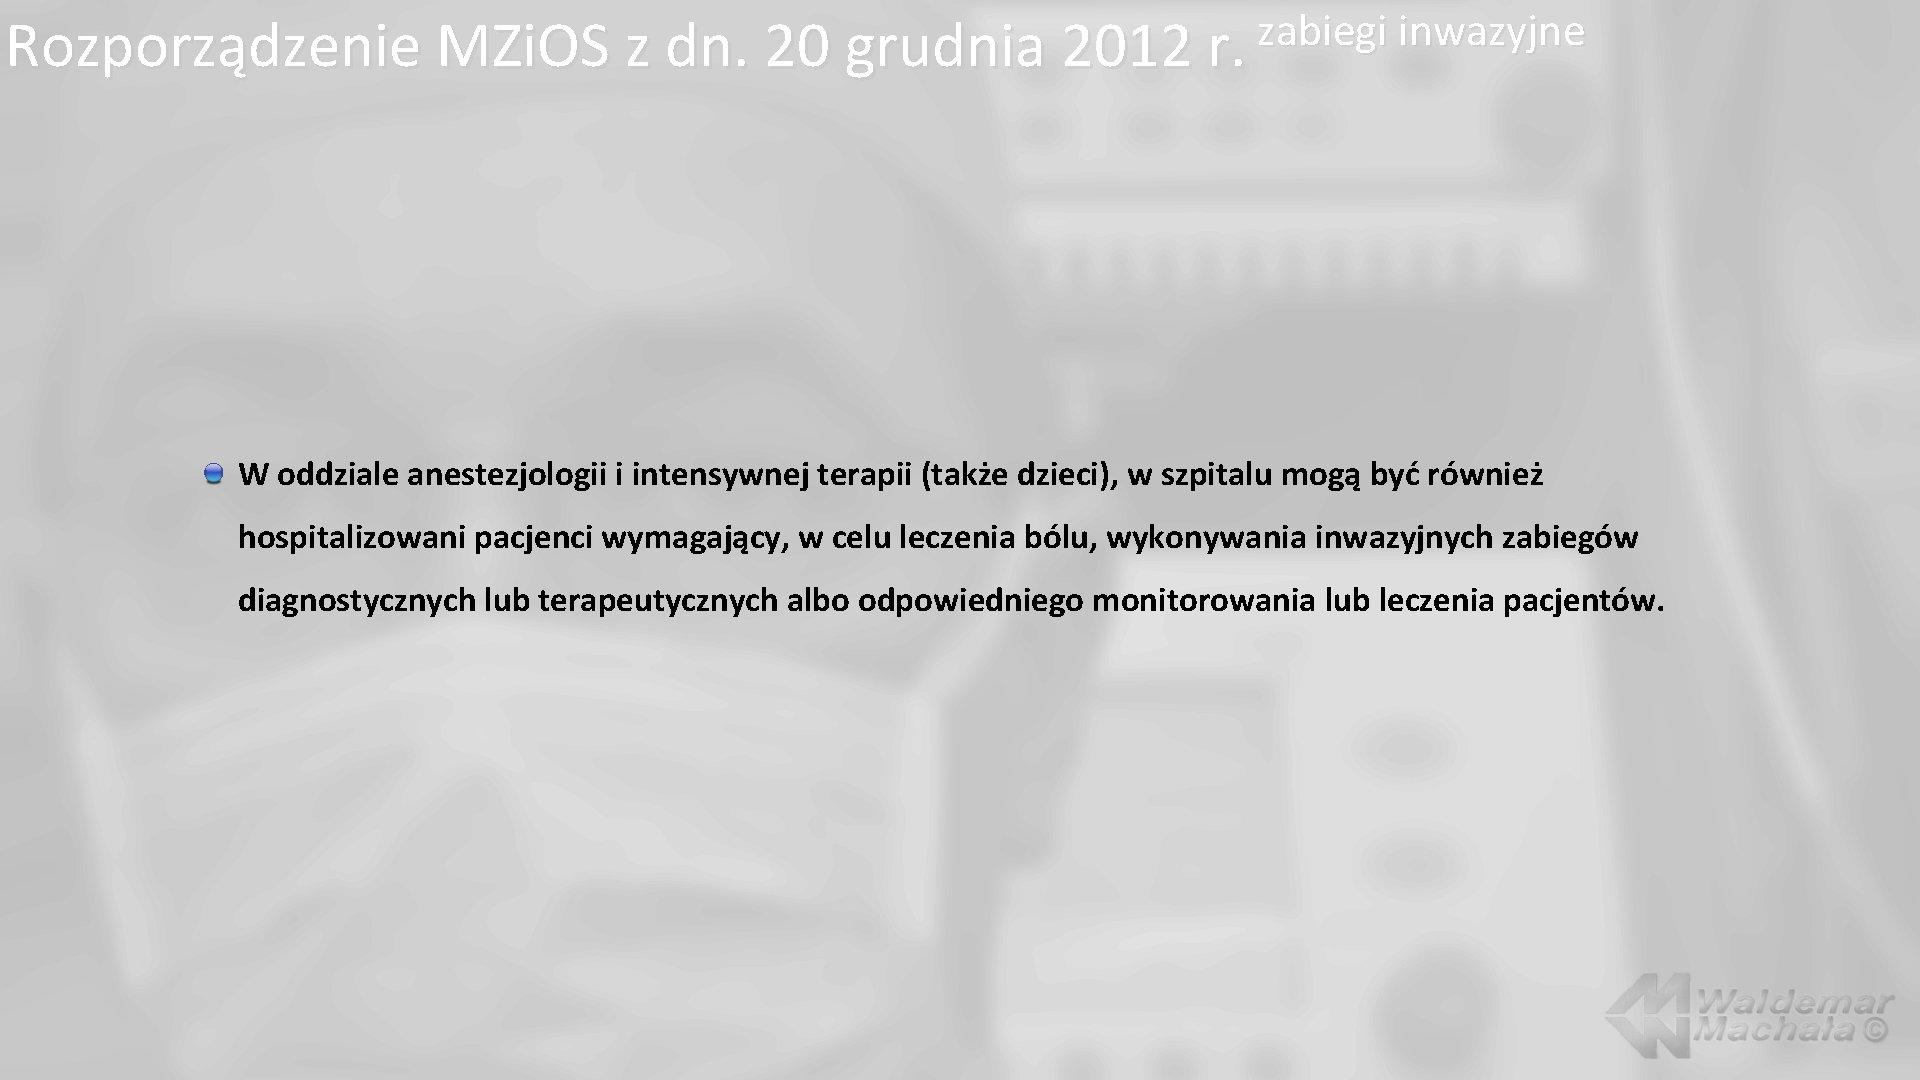 zabiegi inwazyjne Rozporządzenie MZi. OS z dn. 20 grudnia 2012 r. W oddziale anestezjologii